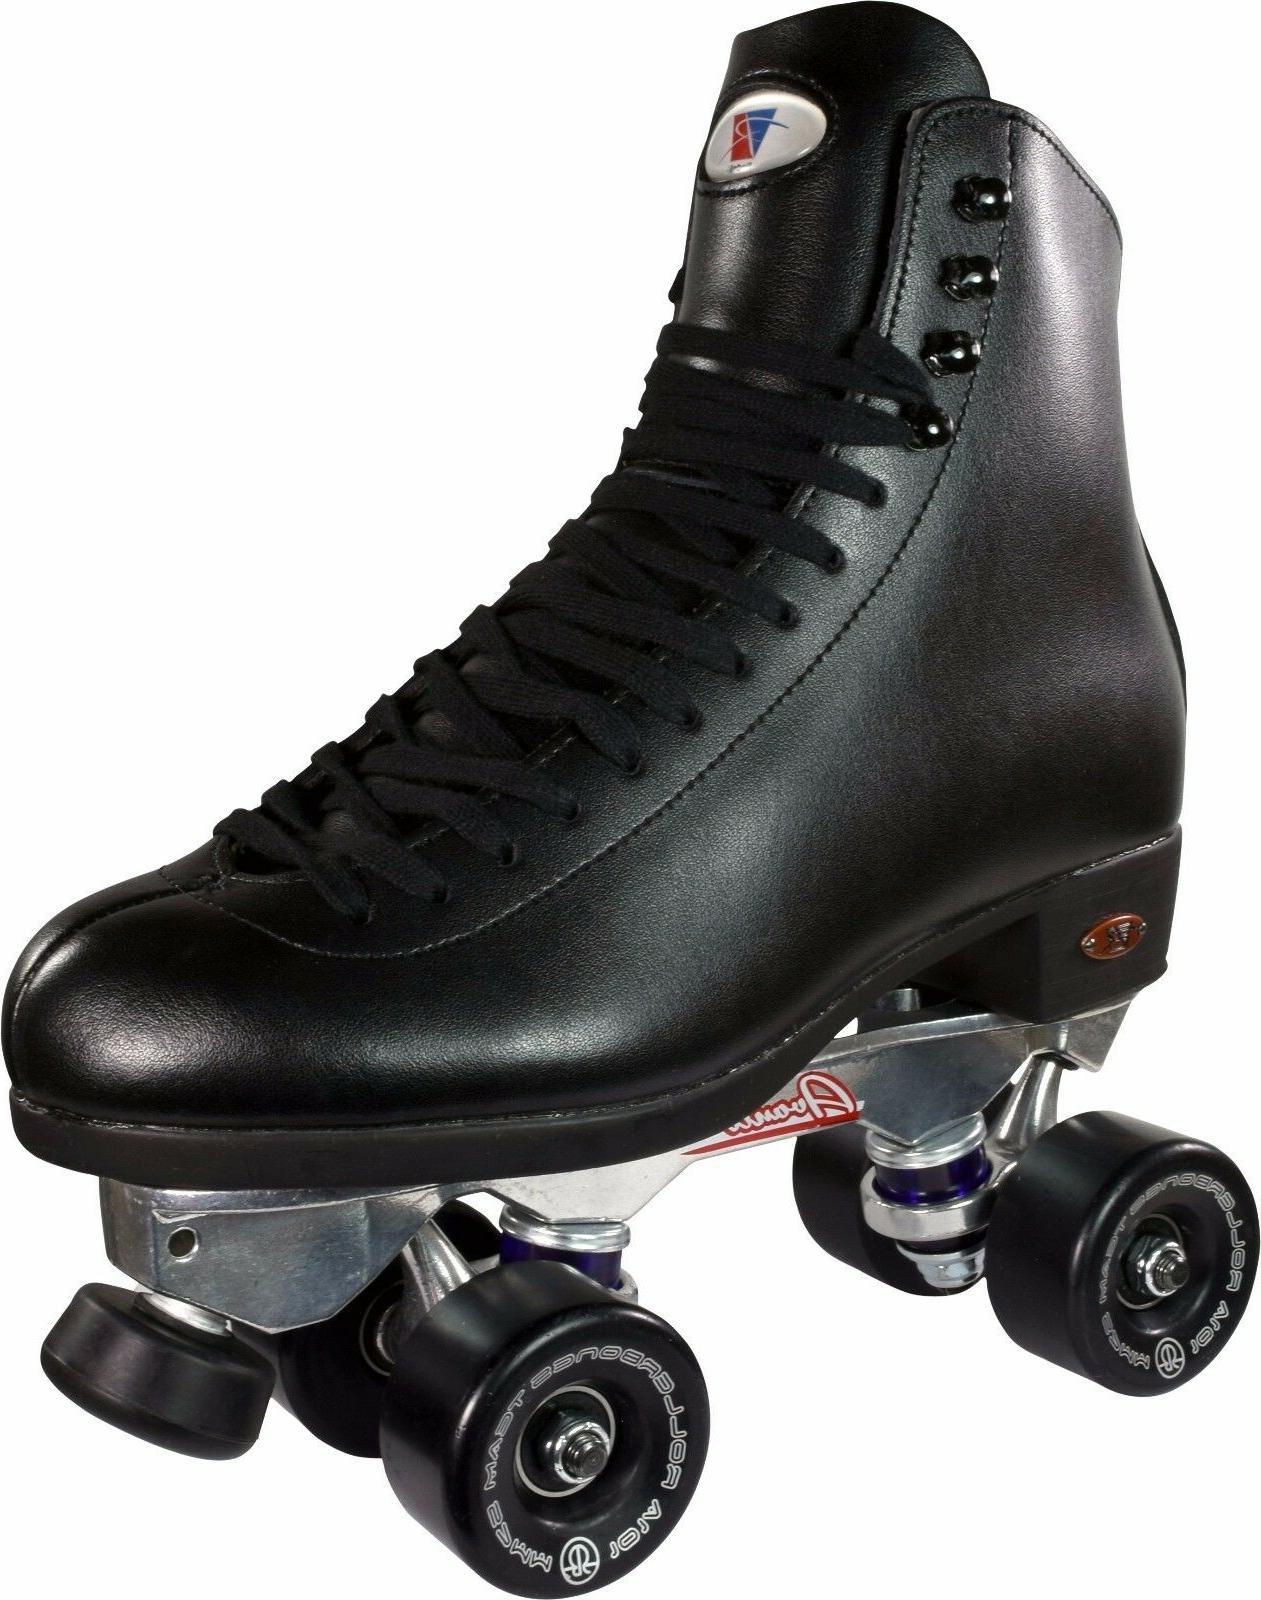 120 avanti team roller skates men size